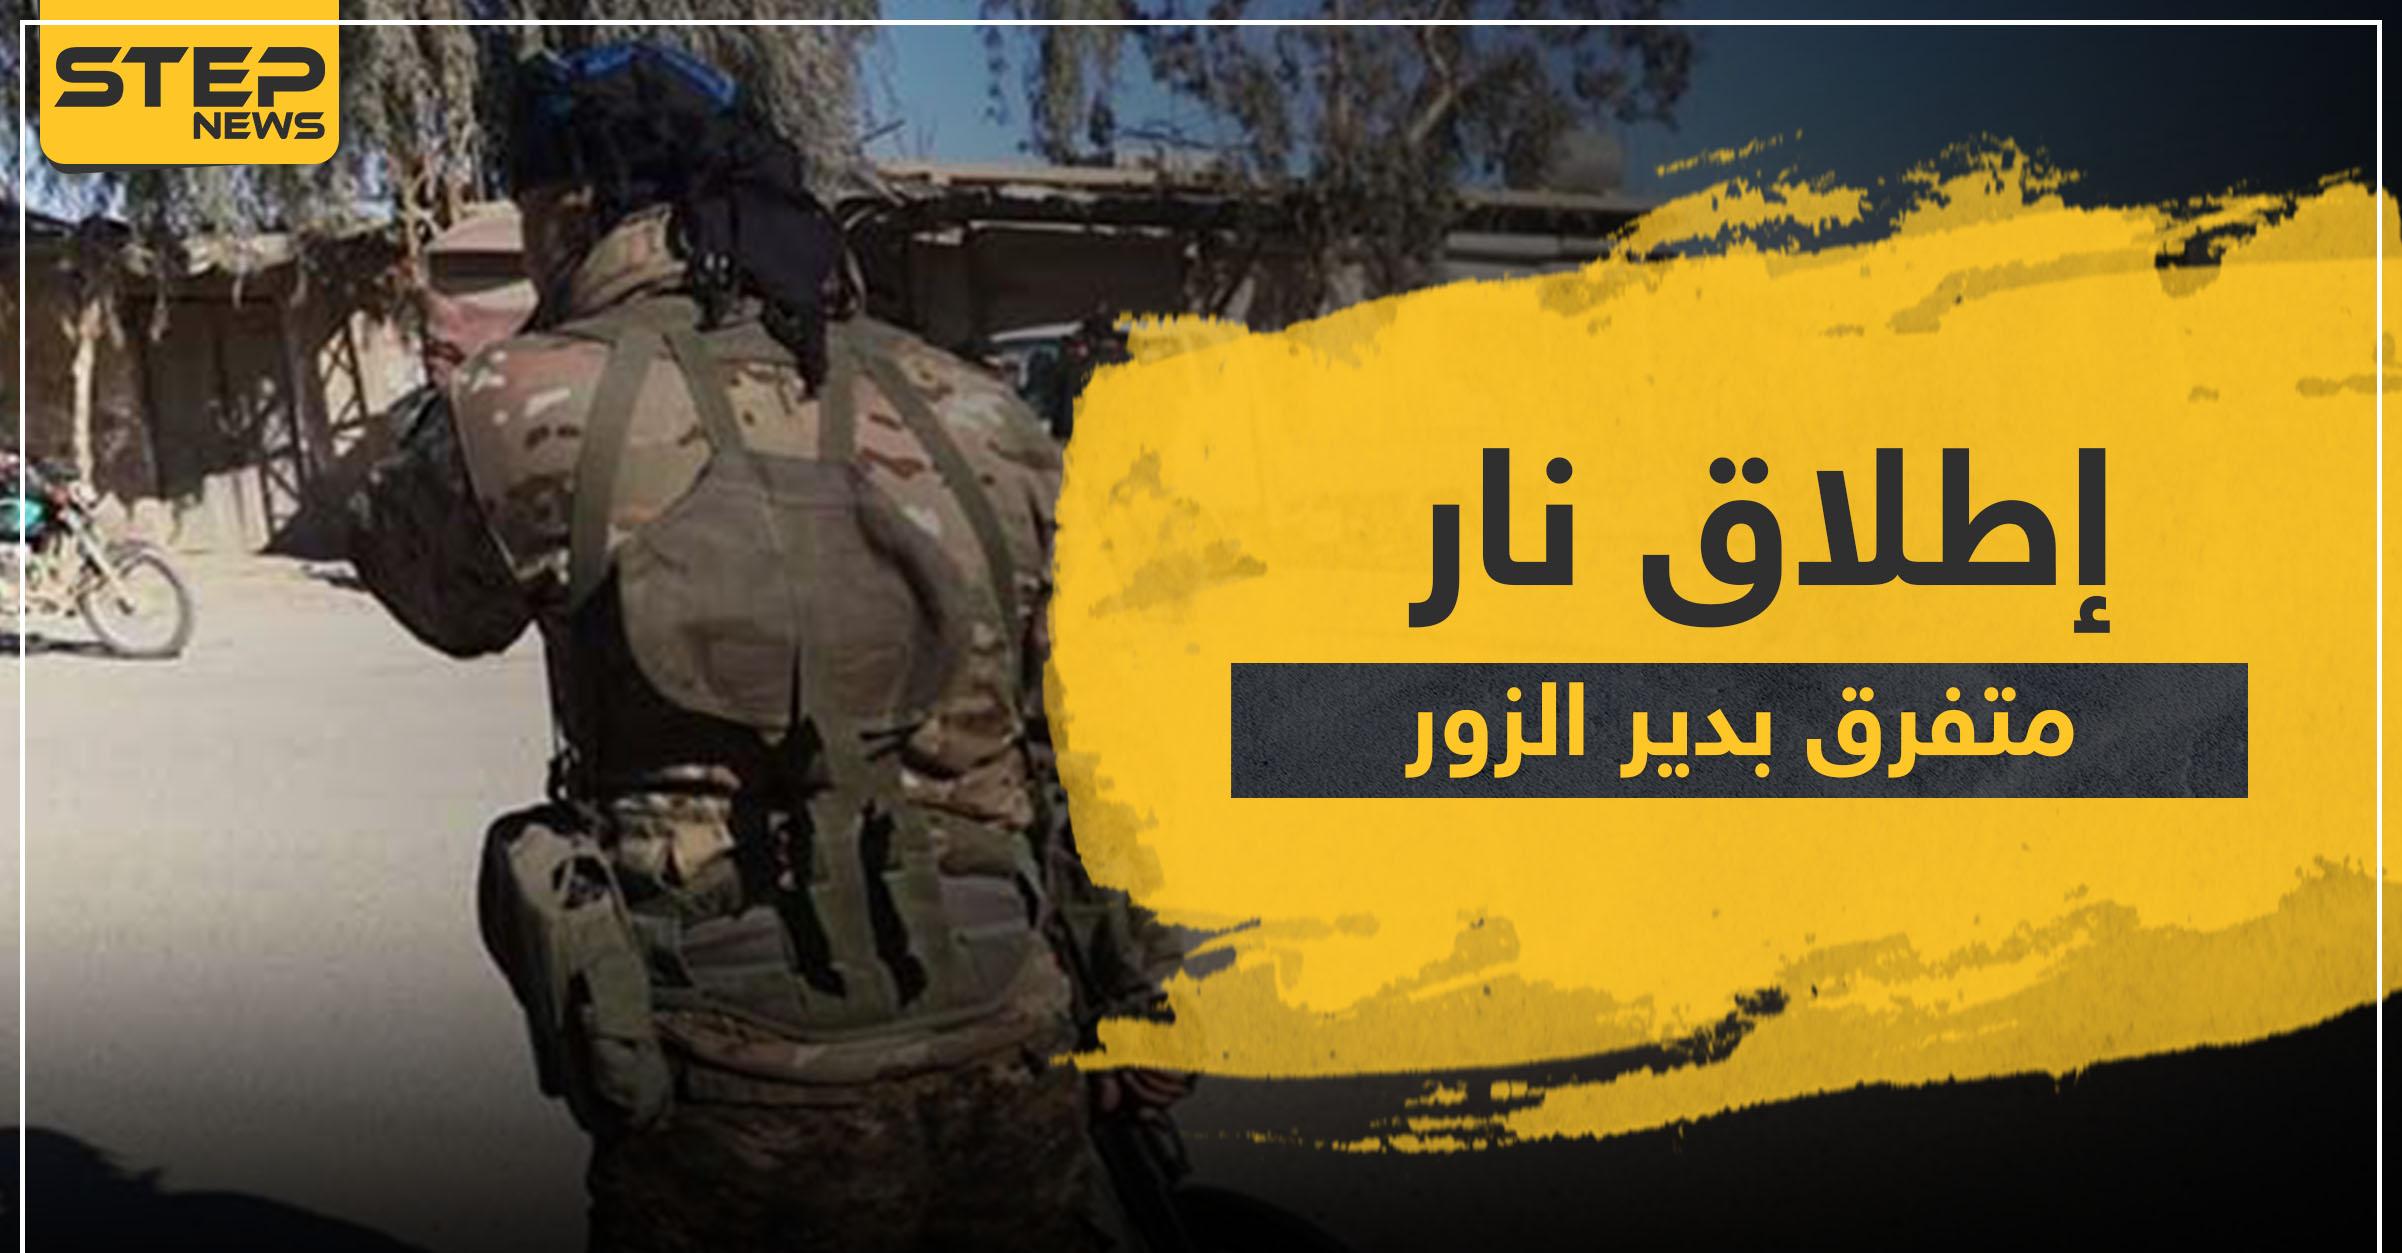 """استهداف قائد لواء """"العباس"""" الإيراني وشاب يرمي الرصاص على عناصر لقسد تحرشوا بفتاة في دير الزور"""